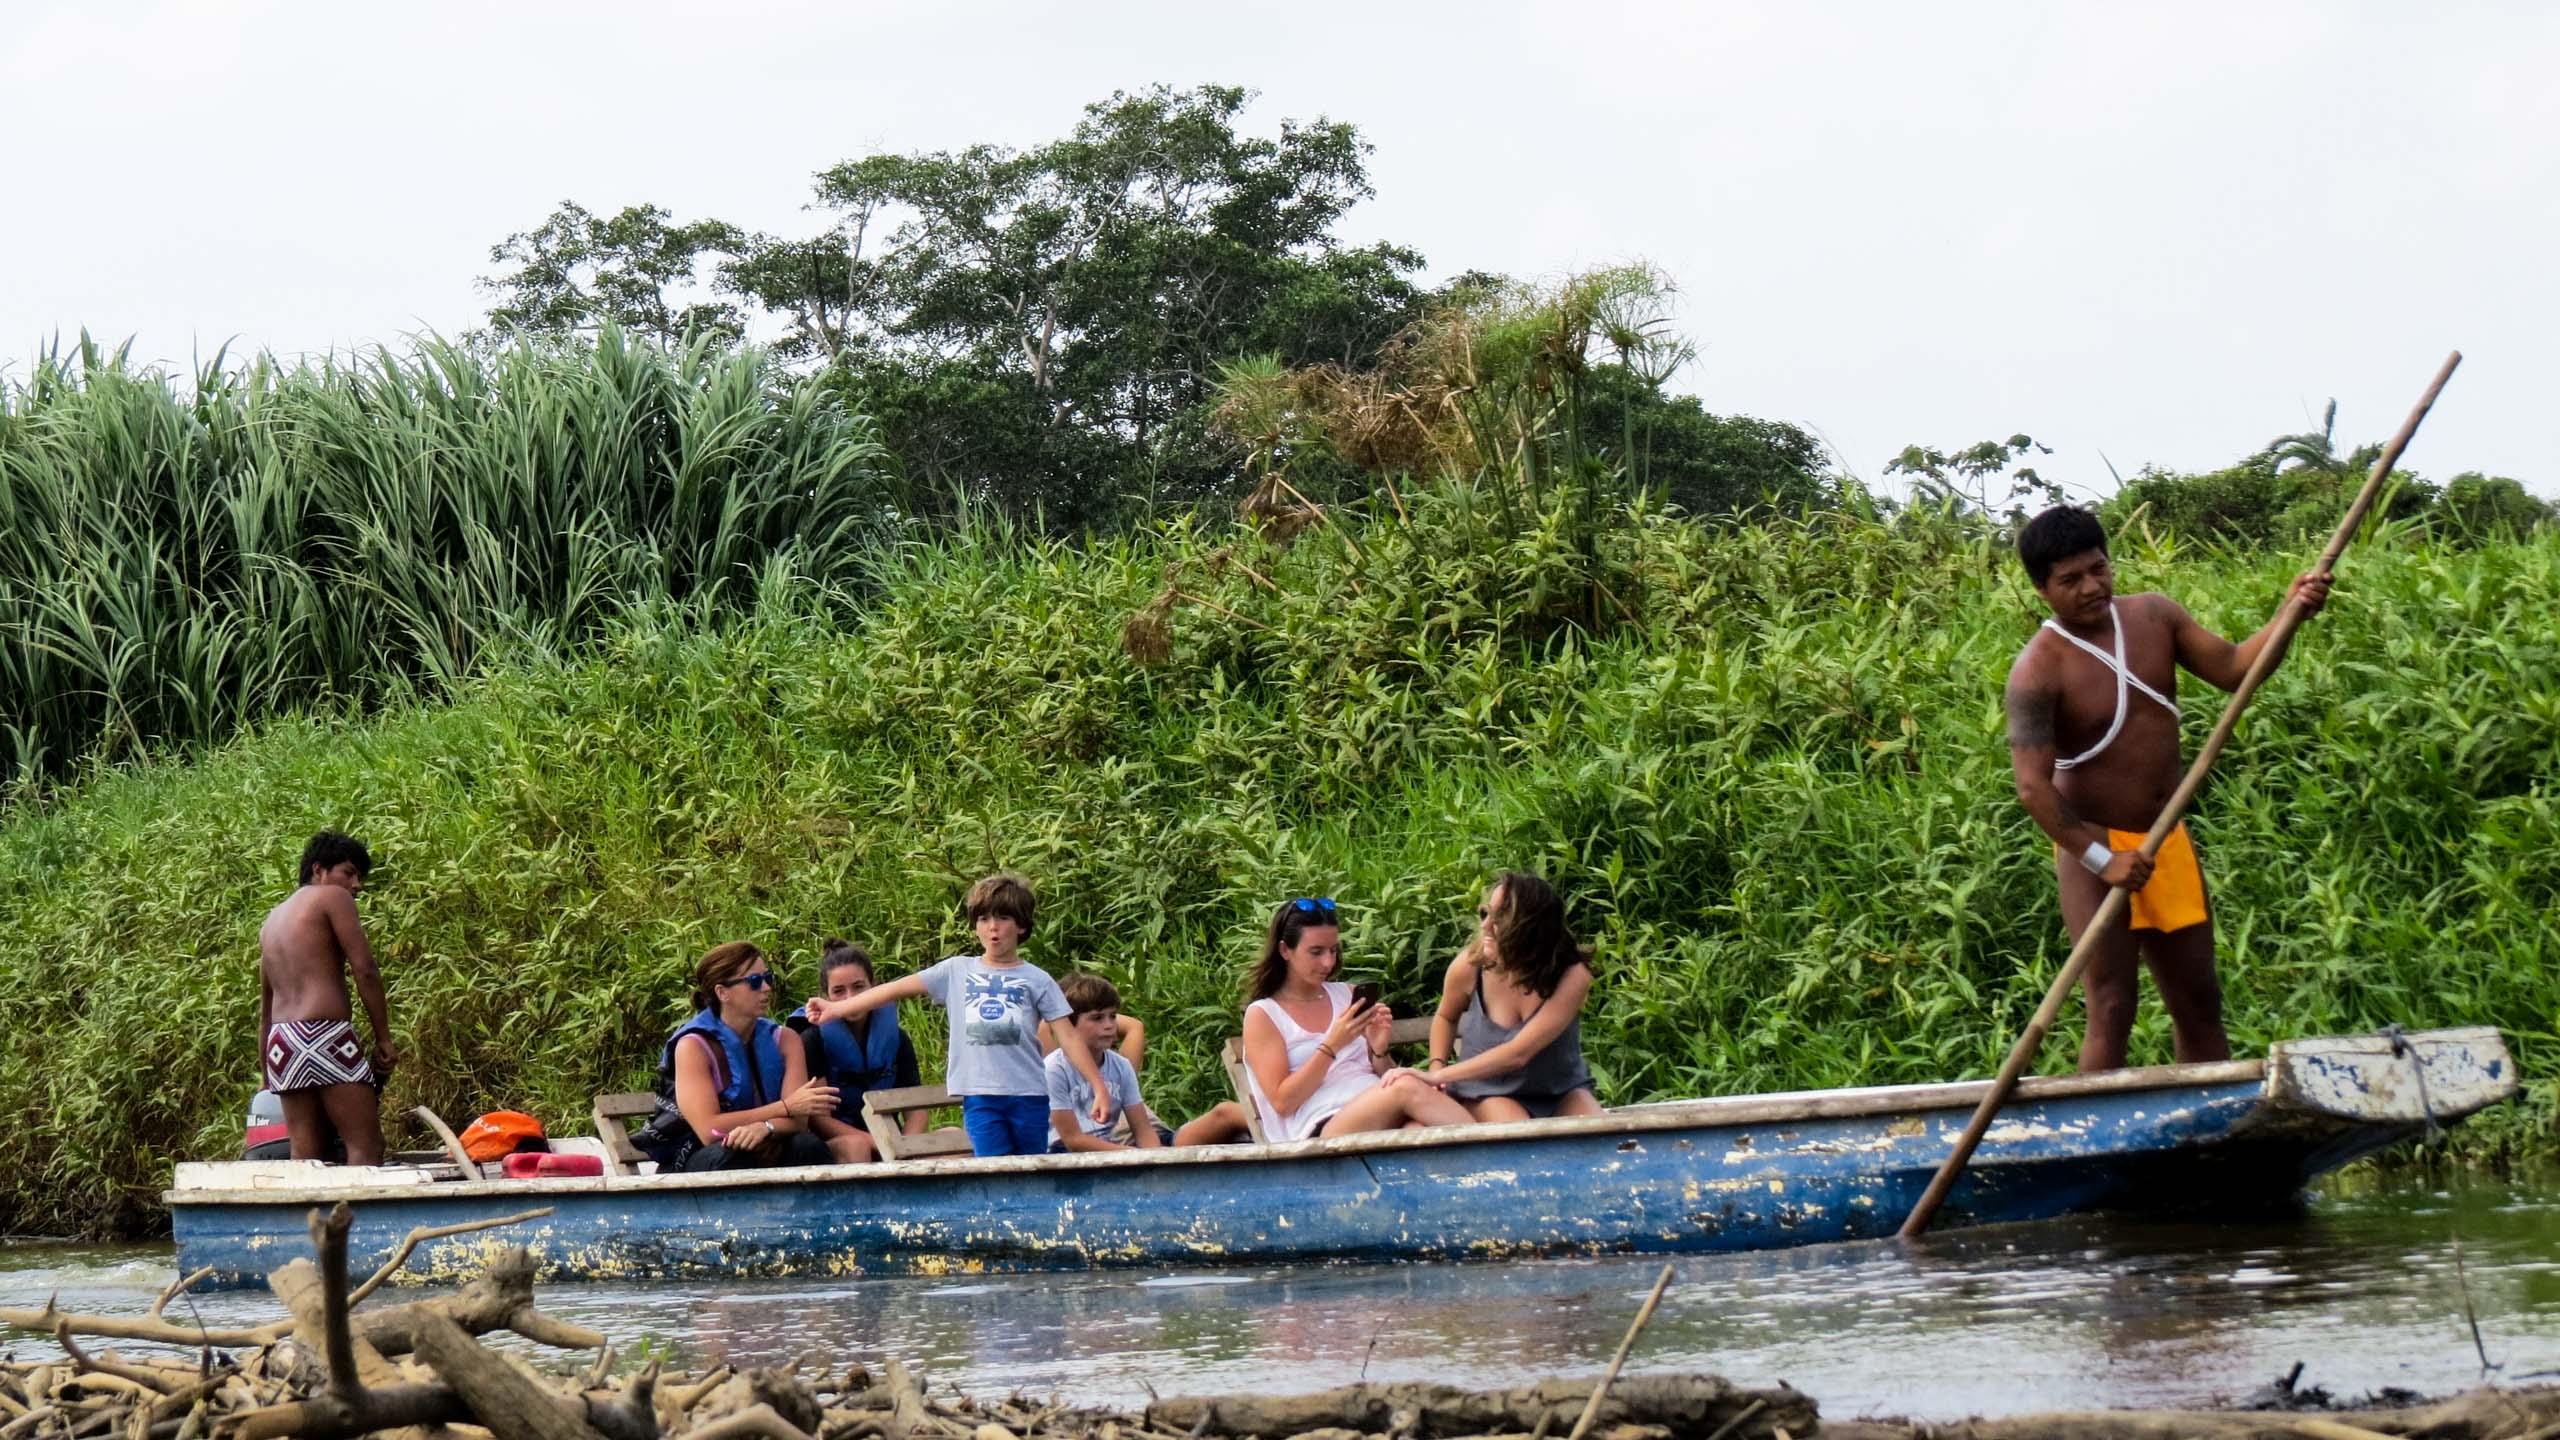 Family takes boat tour on Panama trip